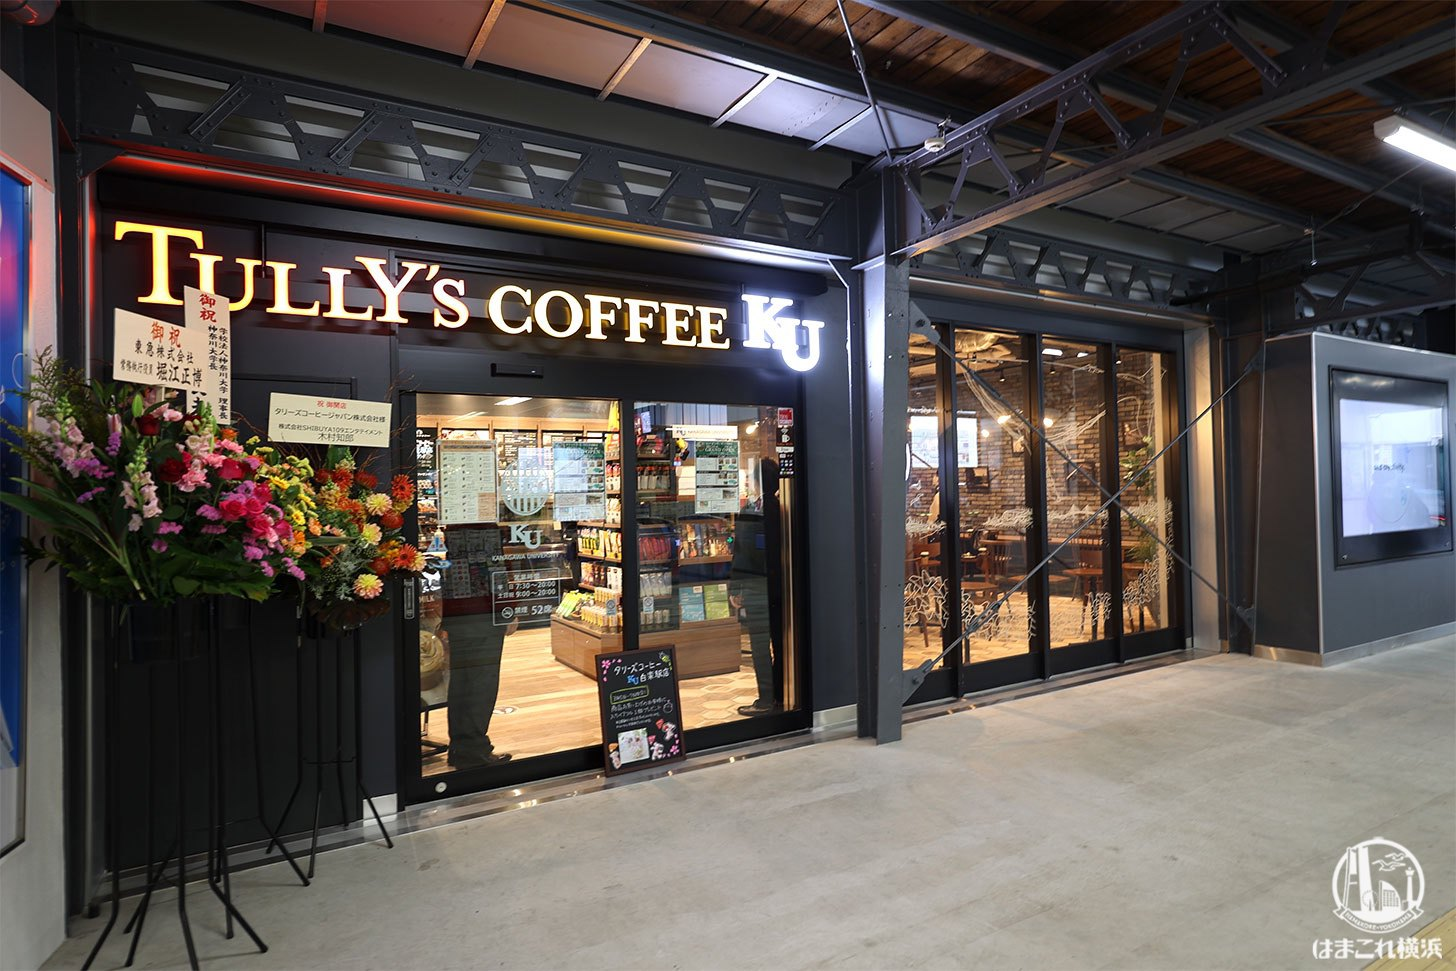 タリーズコーヒーKU 白楽駅店 外観・入口